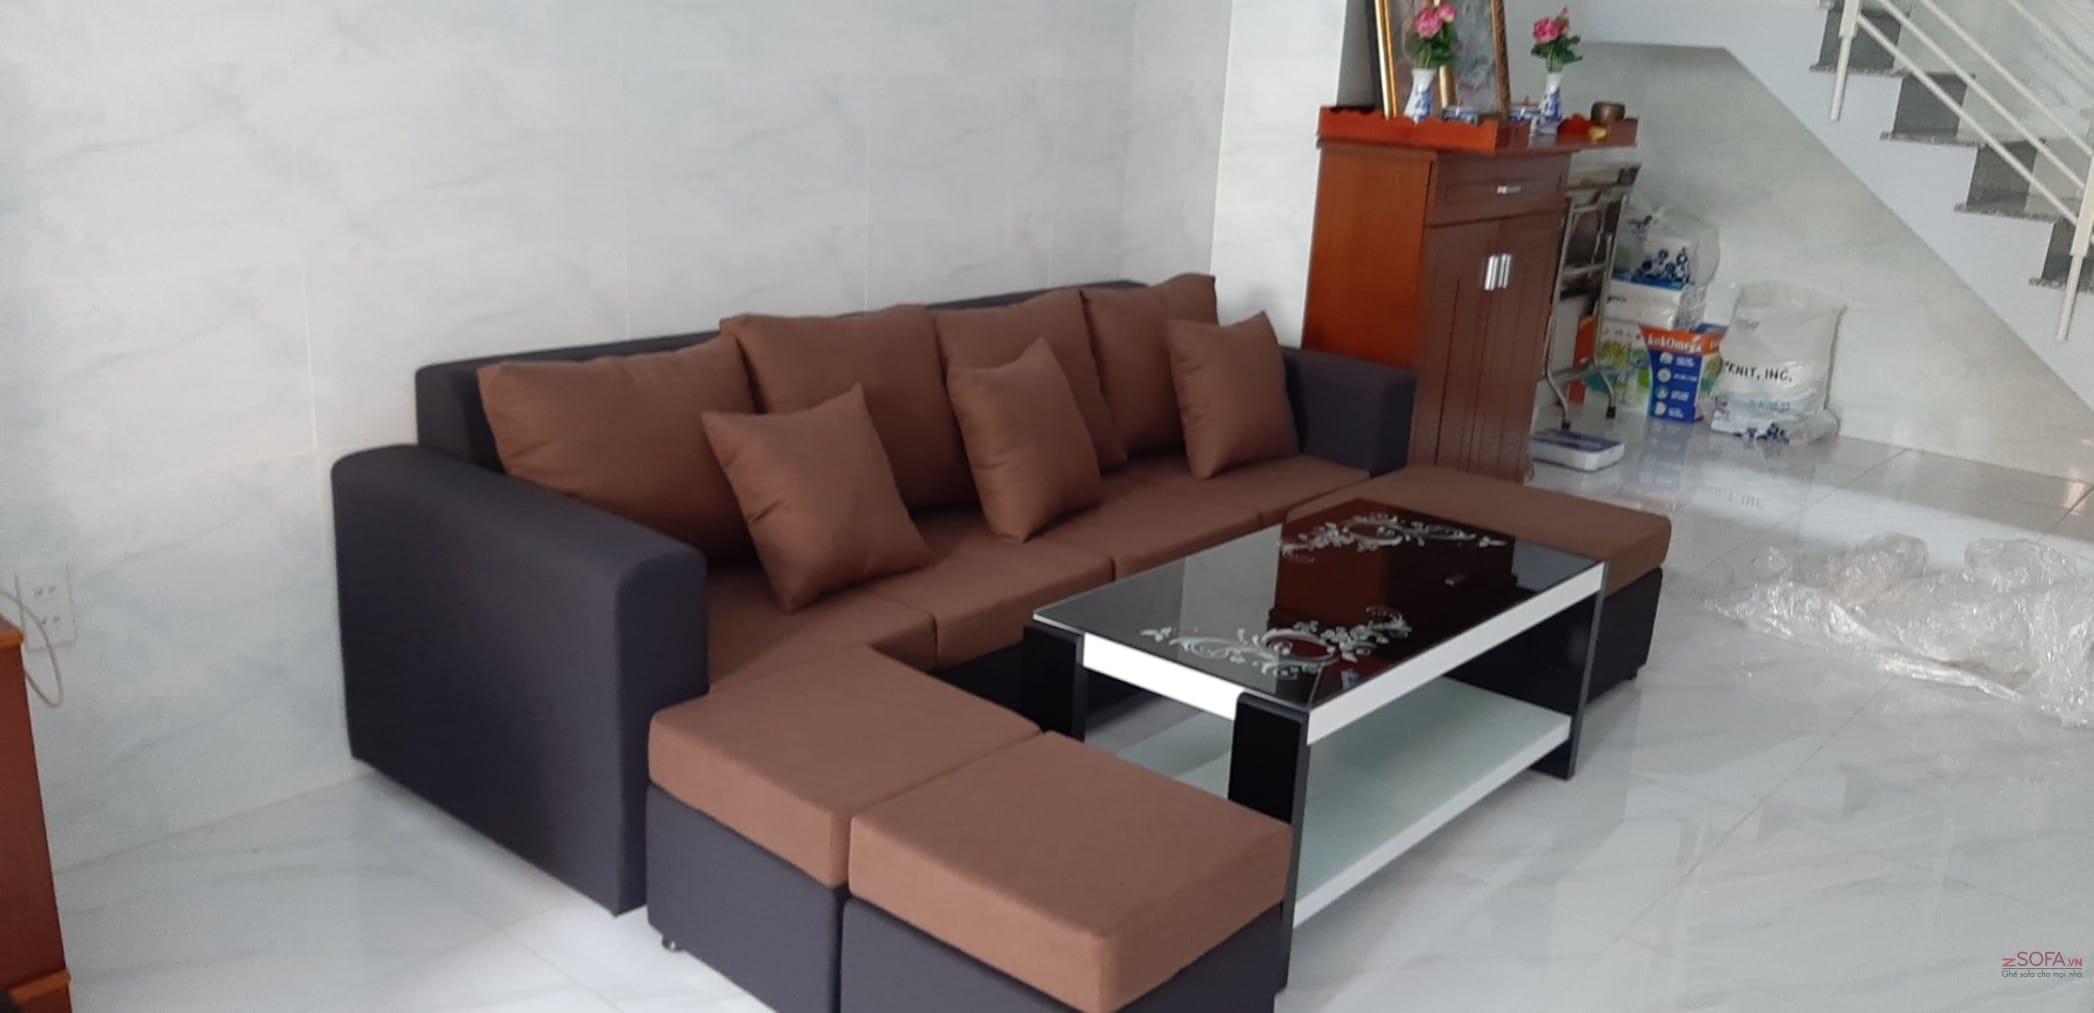 Sofa giá rẻ DG5921 màu nâu